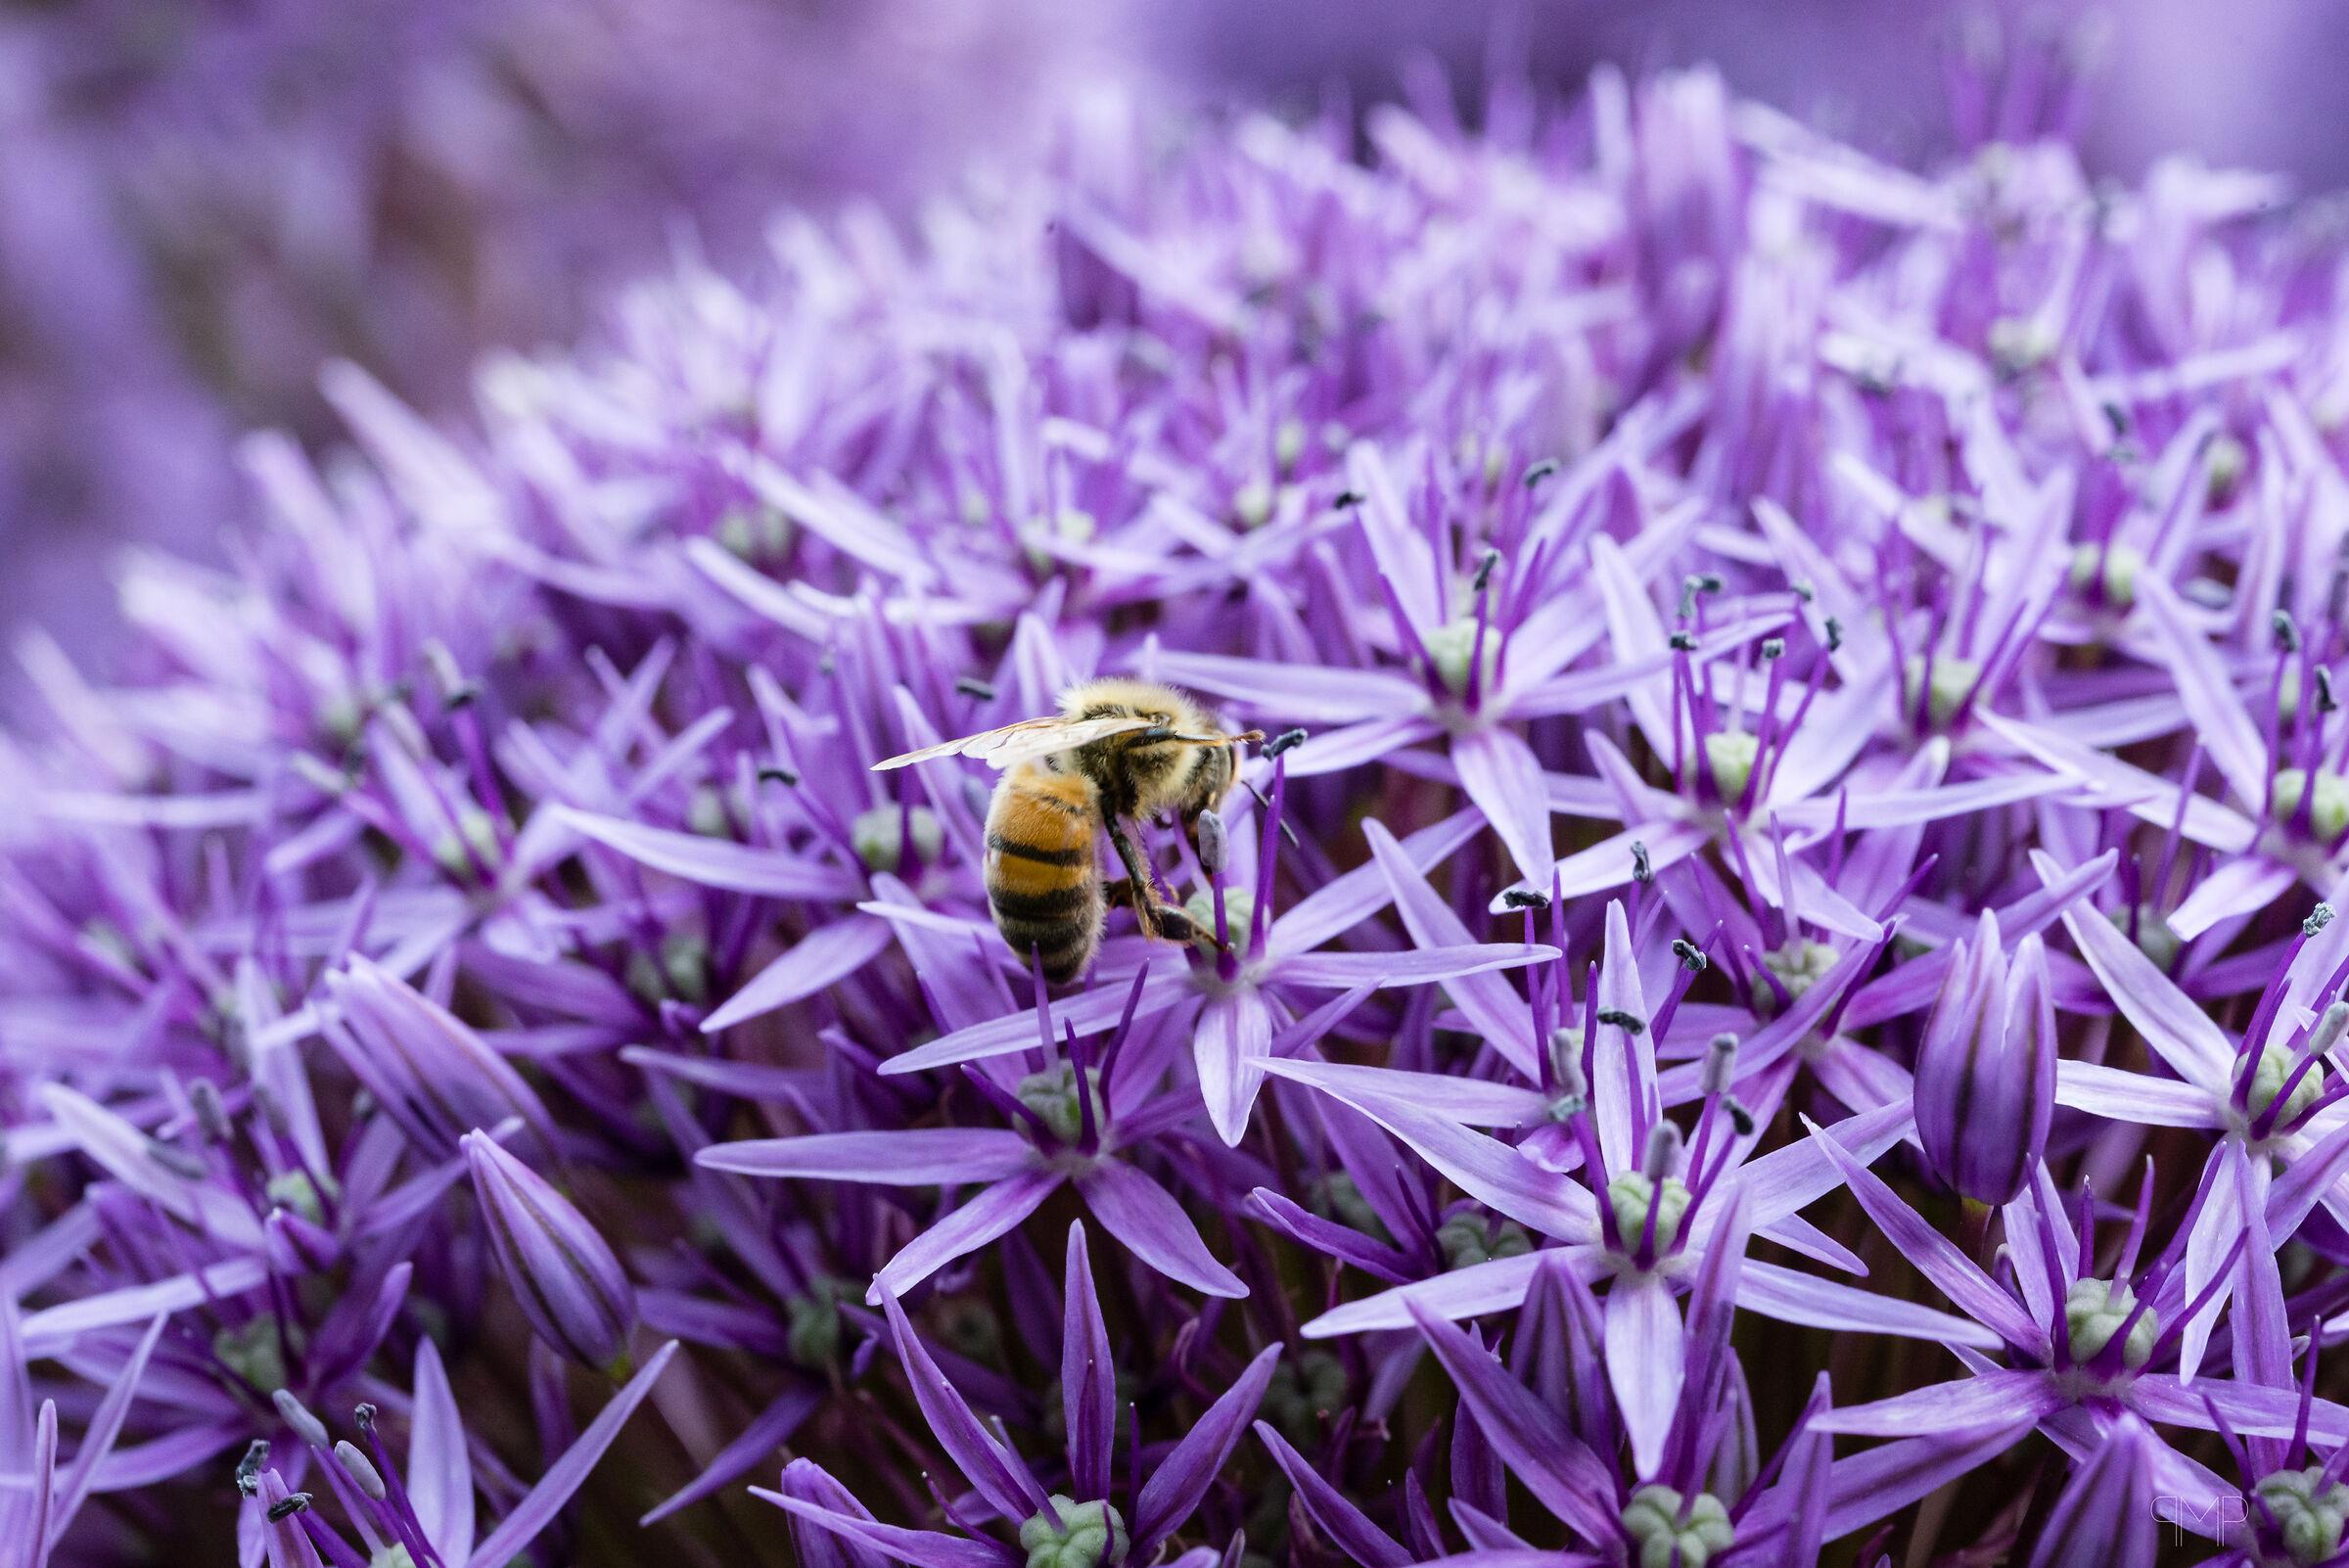 Impollinando un Allium...